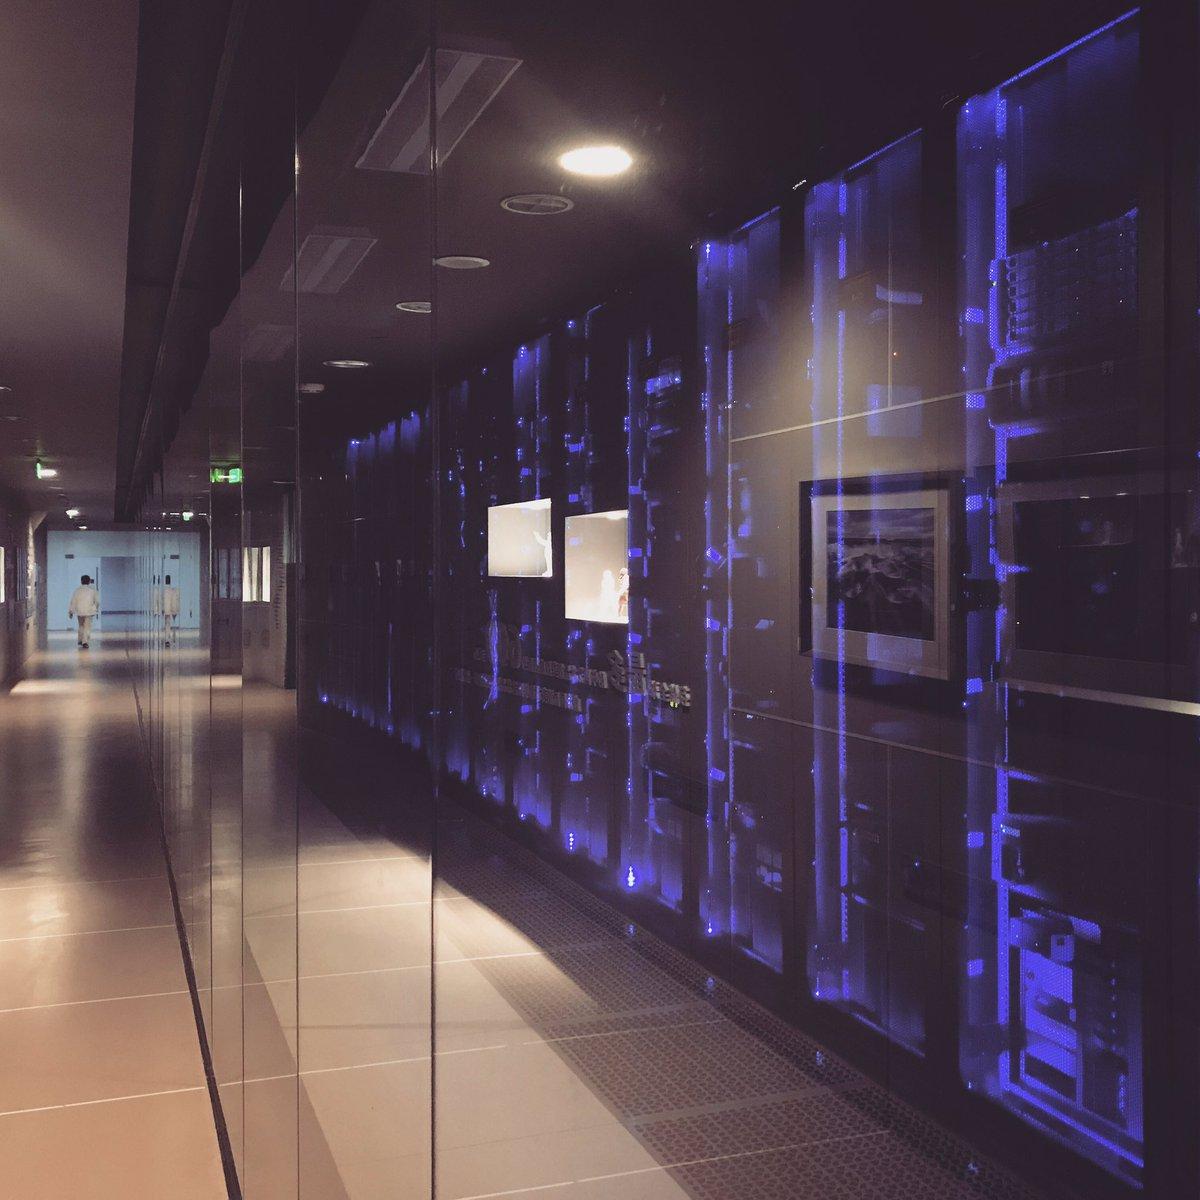 Artronは、収蔵品のデジタルアーカイブにも力を入れていて、非常にハイセキュリティで、しかもクールなサーバールームもありました。映画の世界。 https://t.co/YWxOXxR5X4